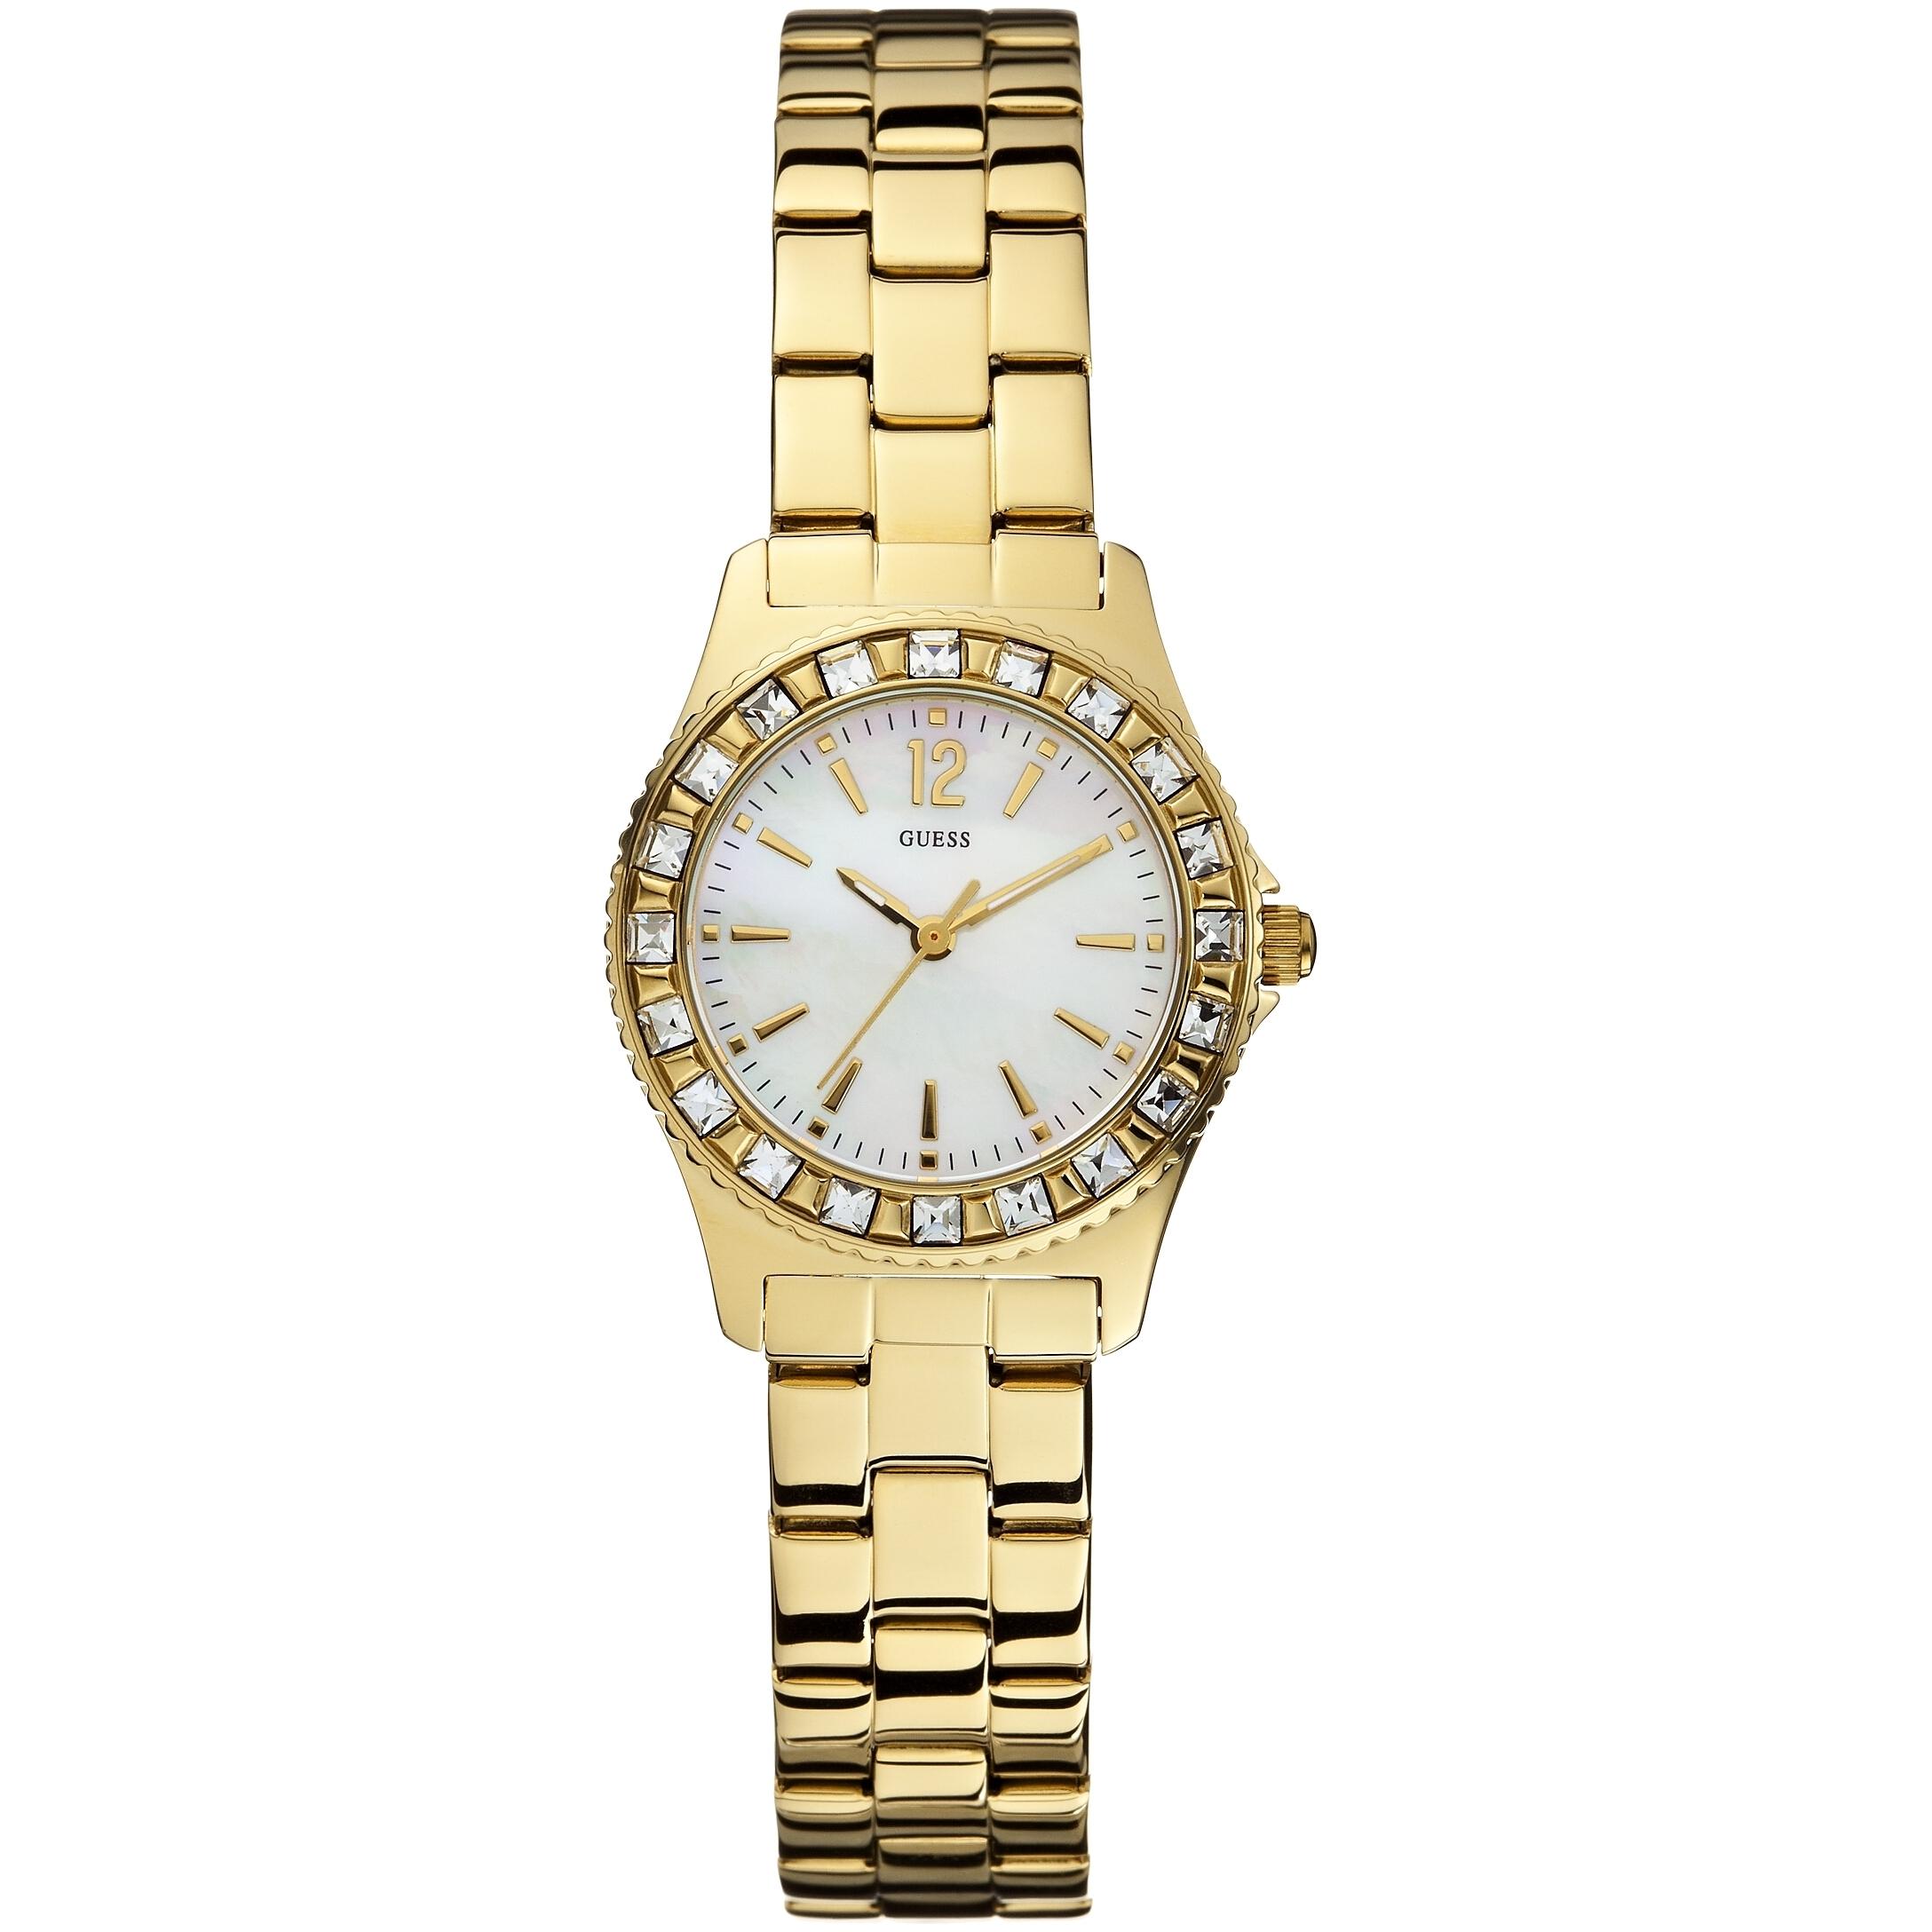 ساعت مچی عقربه ای زنانه گس مدل W0025L2